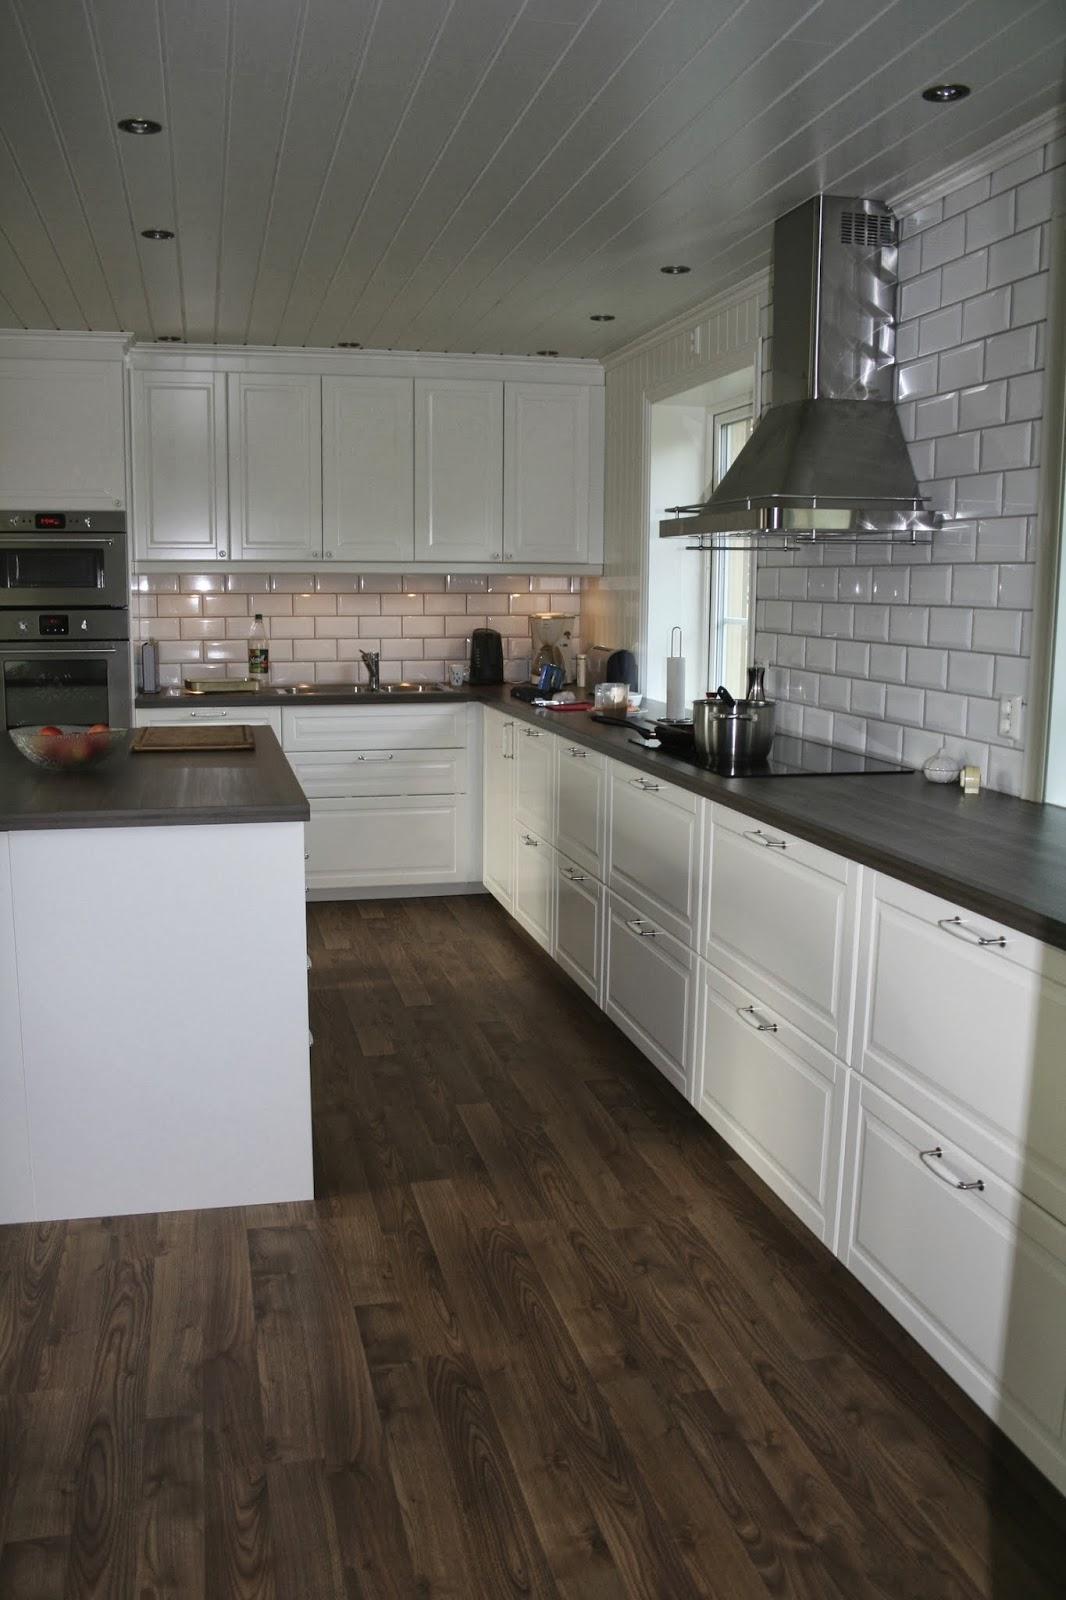 Ikea Ludwigsburg Schuhschrank ~ Tegneprogram Kjøkken Kjøkkenbilder ? Se alle bildene våre i